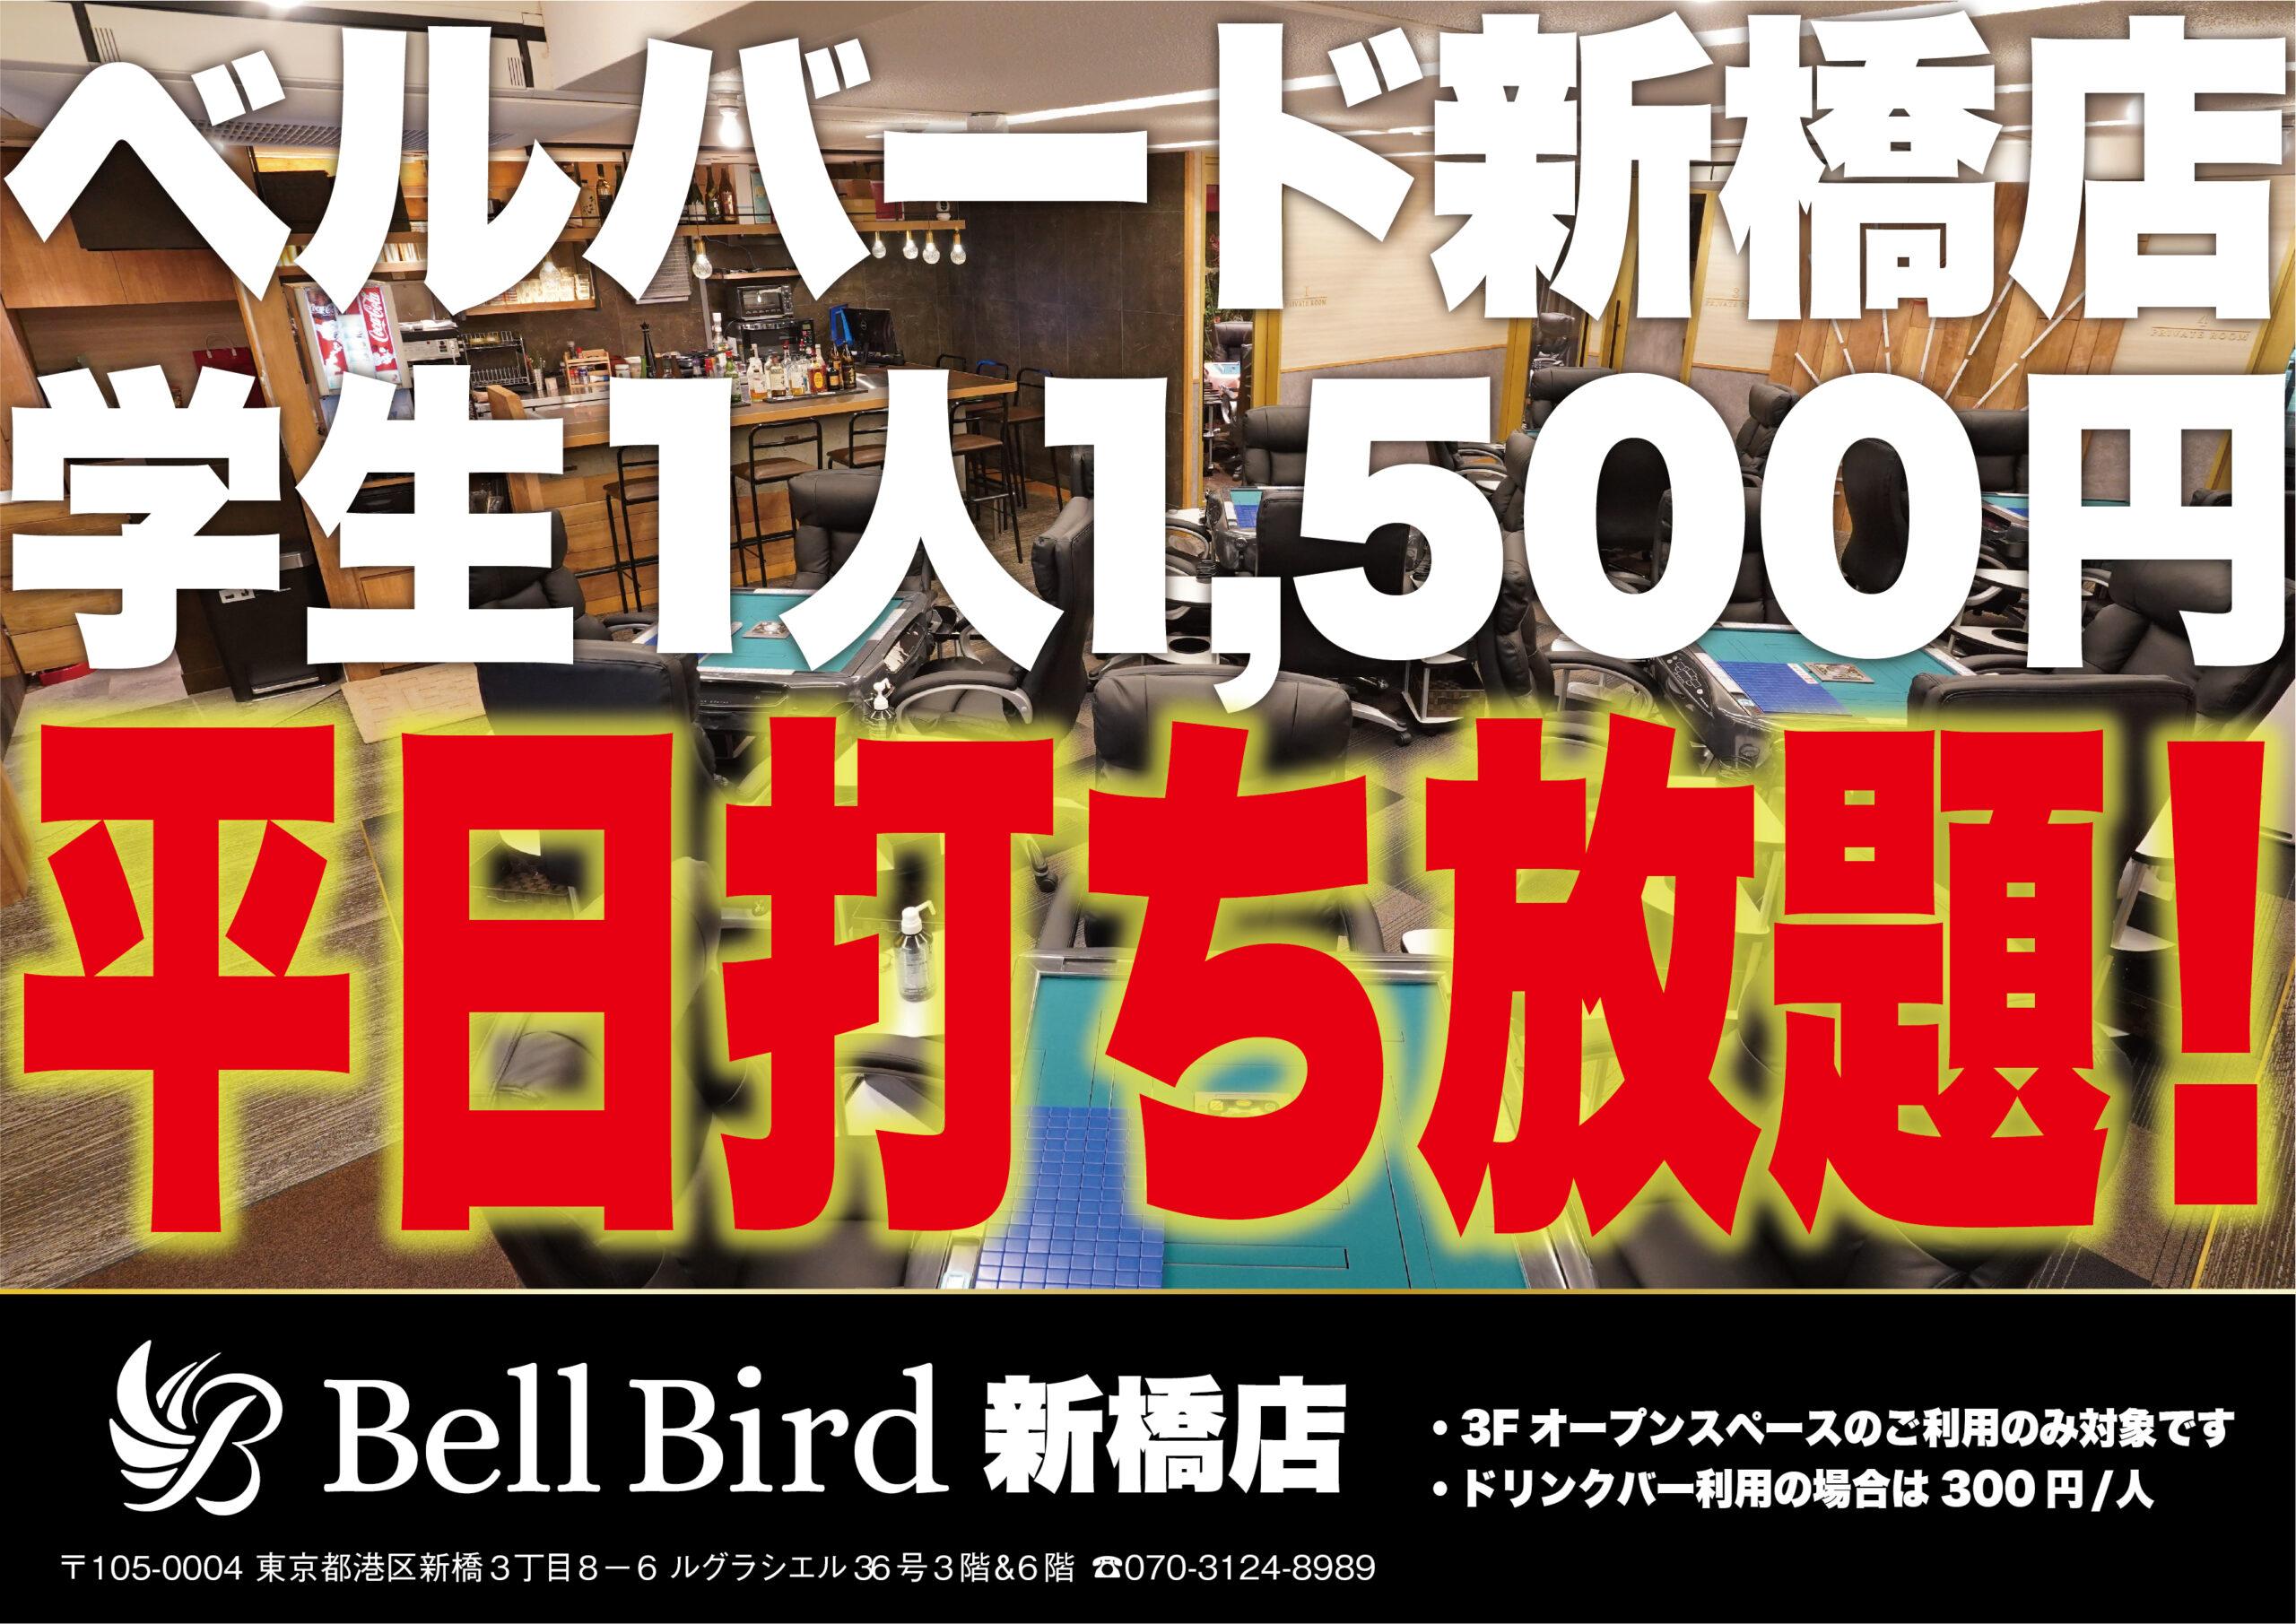 学生1人1500円平日打ち放題_アートボード 1